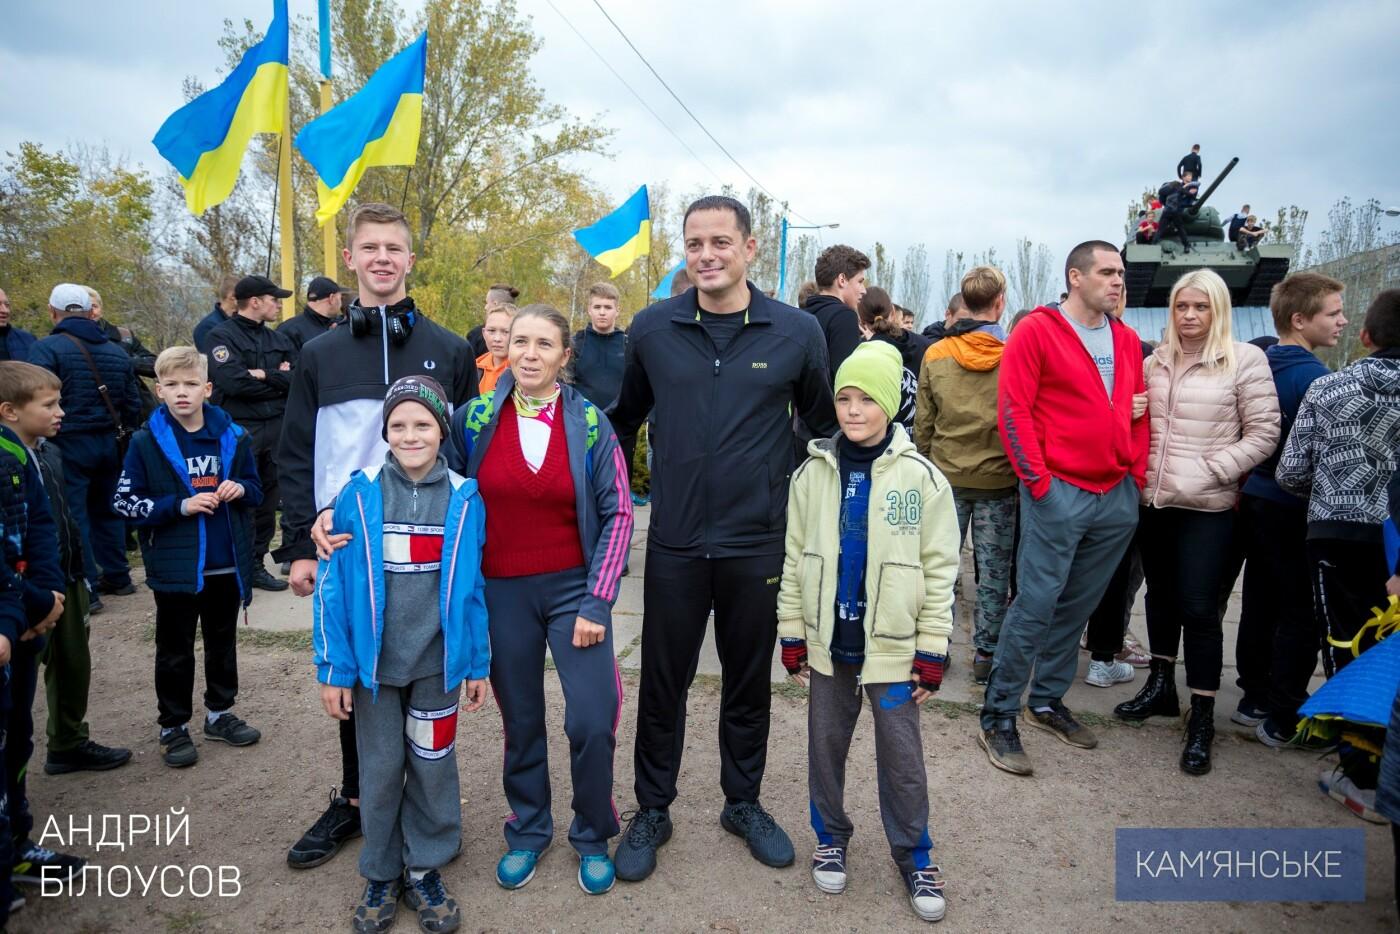 В Каменском впервые состоялся забег к годовщине освобождения города, фото-6